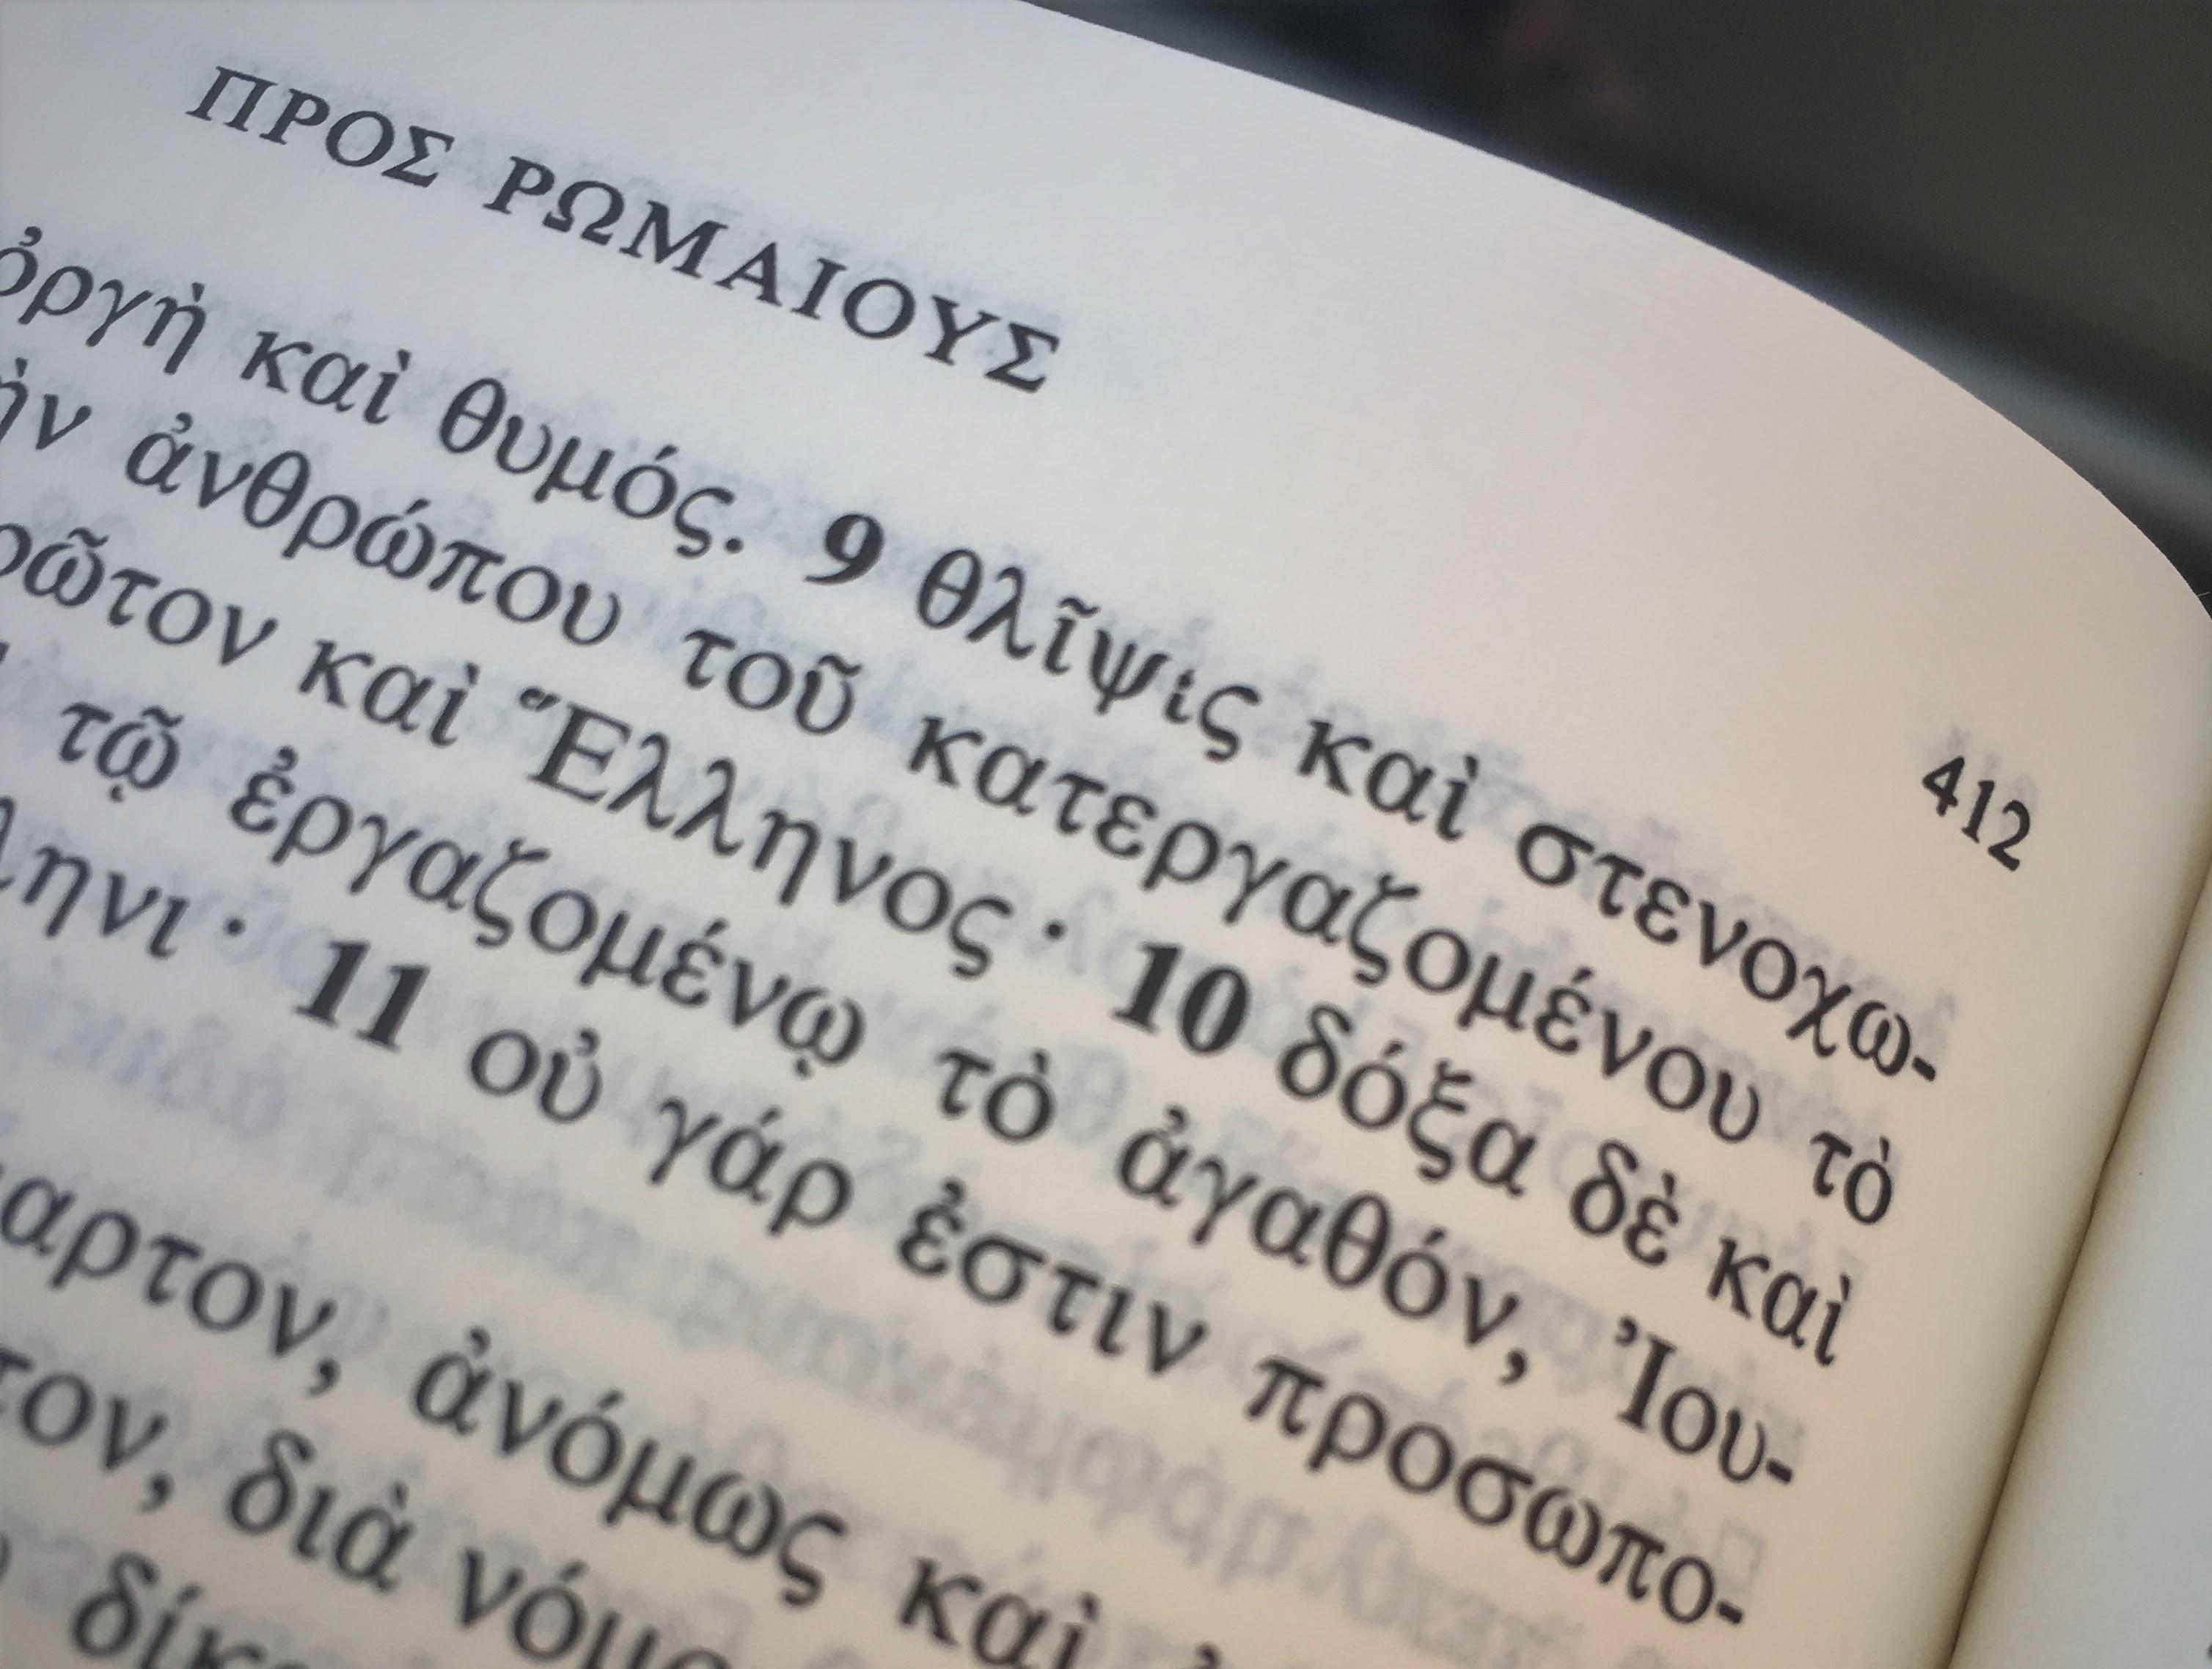 Mikko Sivosen Uuden testamentin eksegetiikan väitöskirja tarkastelee kirkkaus-terminologiaa Paavalin kirjeissä (Kuva: Ville Mäkipelto, Nestle-Aland edition sivu Roomalaiskirjeestä).